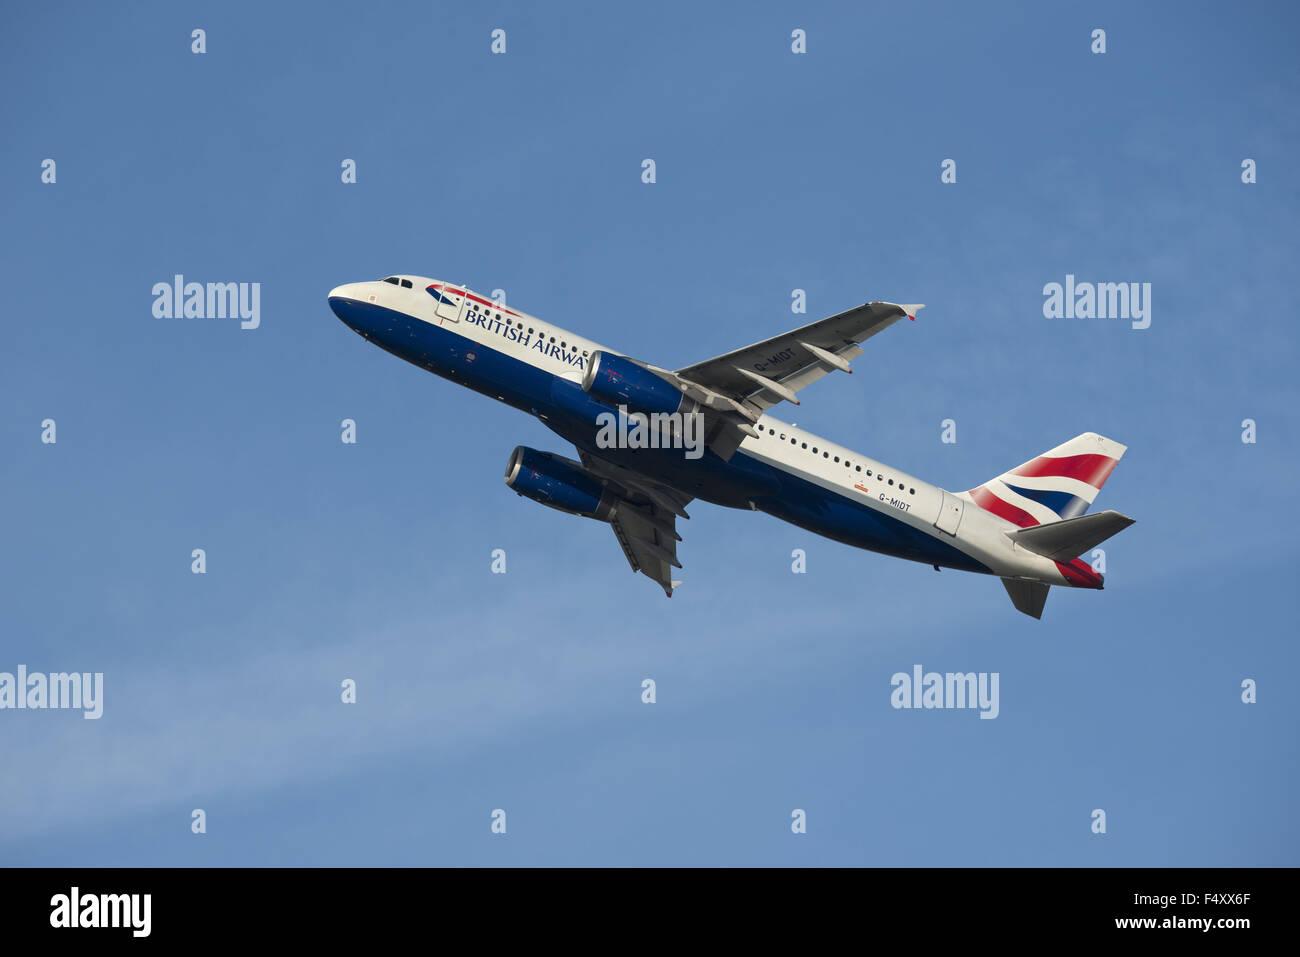 British Airways Airbus A320-232, Klettern Stockbild